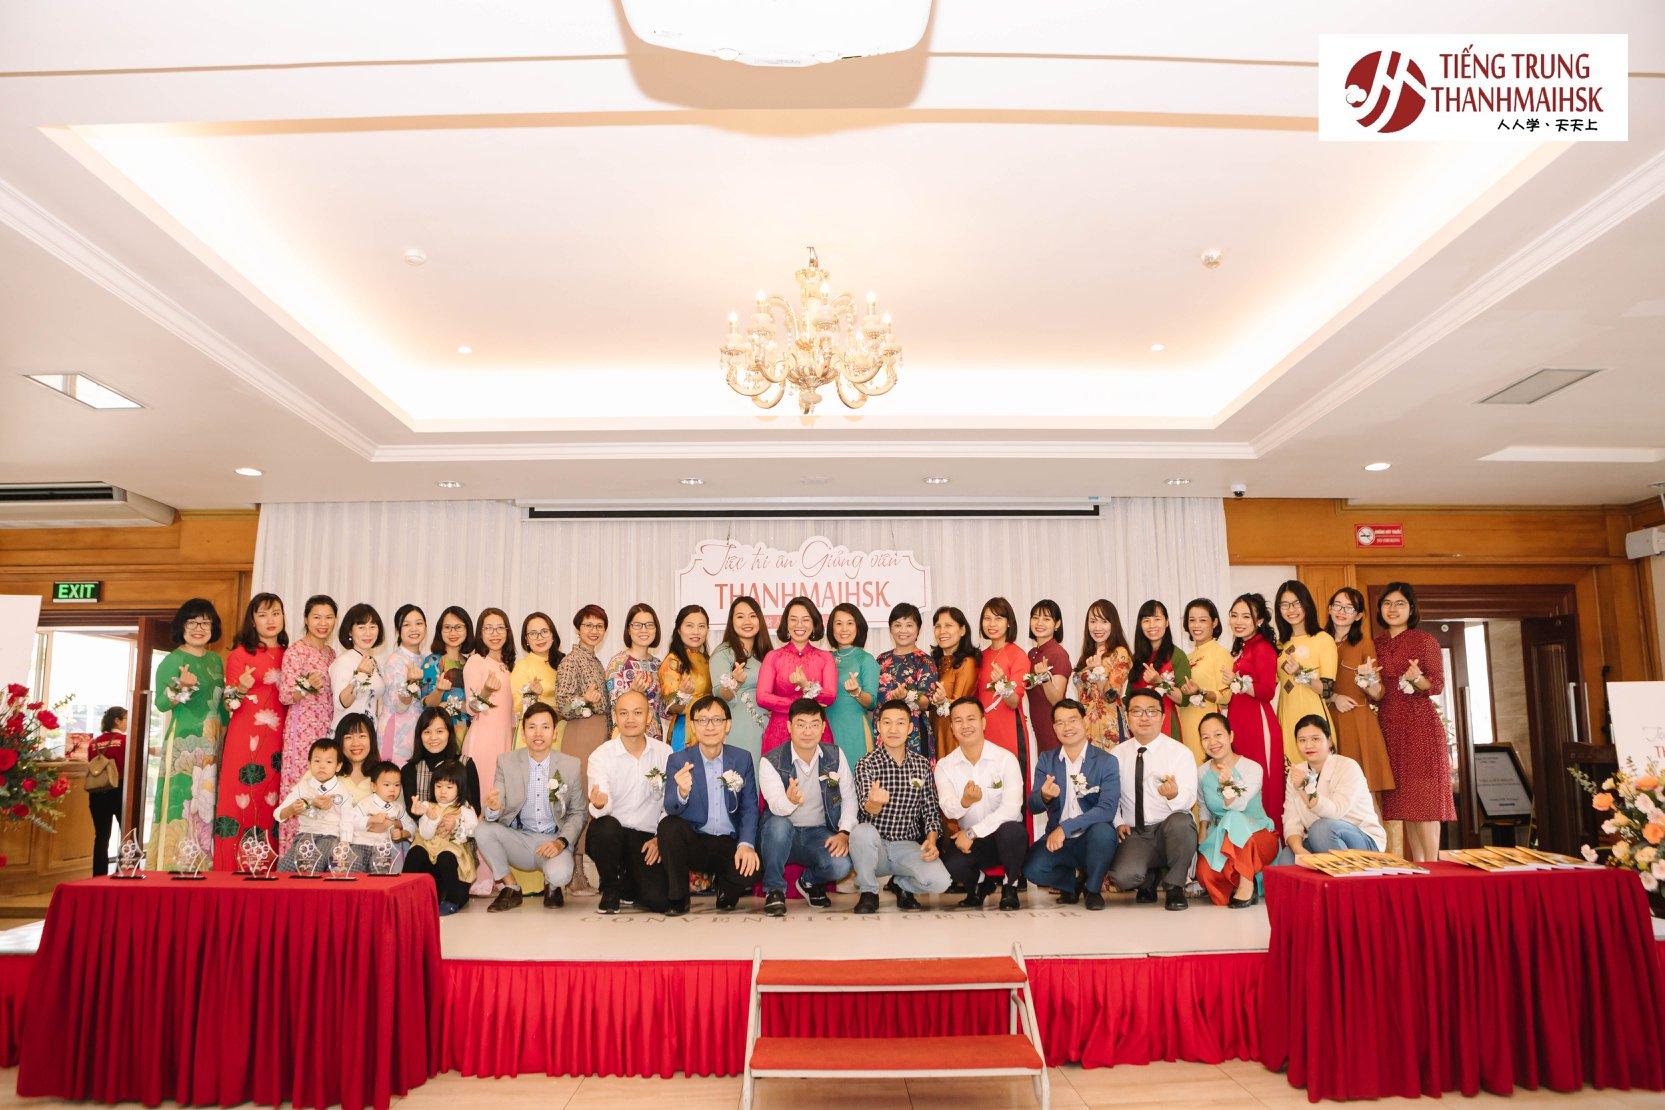 Hinh ảnh Top 8 trung tâm tiếng Trung ở Bắc Ninh 1